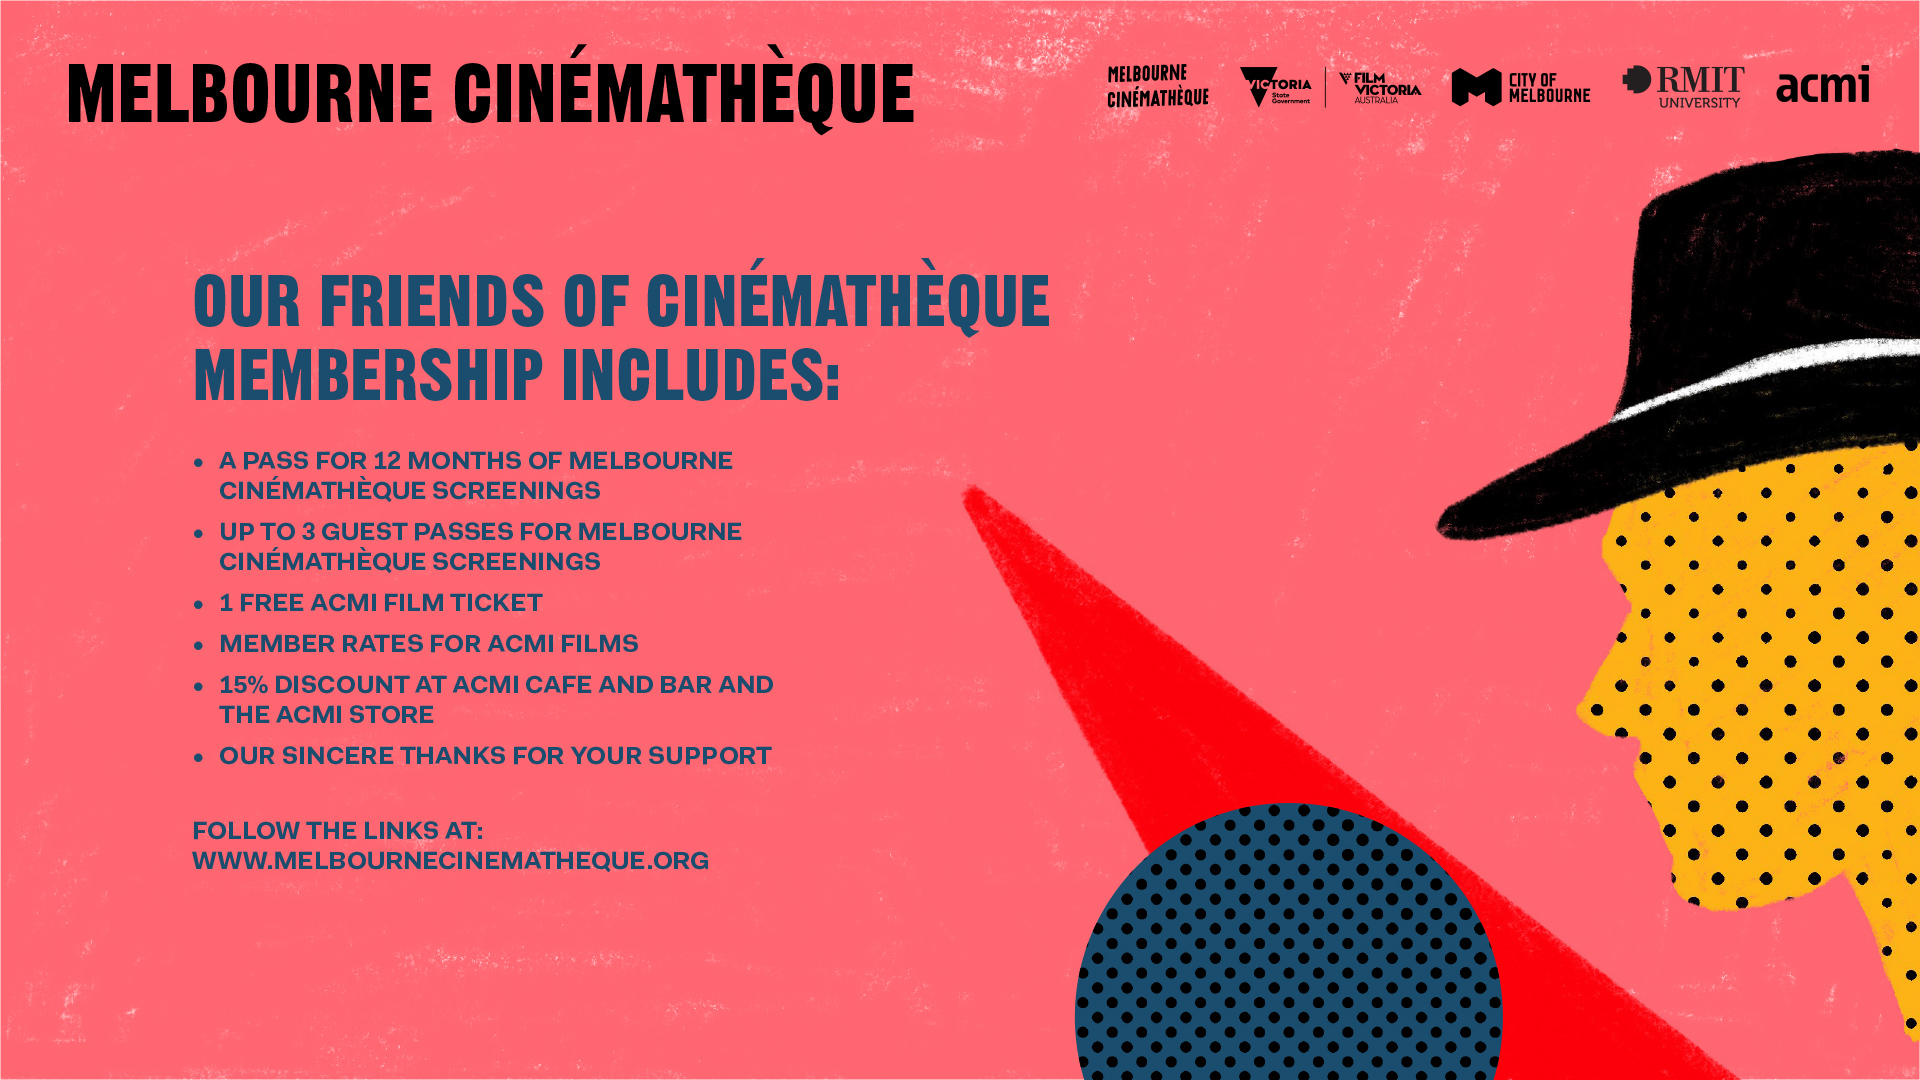 cinematheque-2019-slides-FA-friends-1.jpg